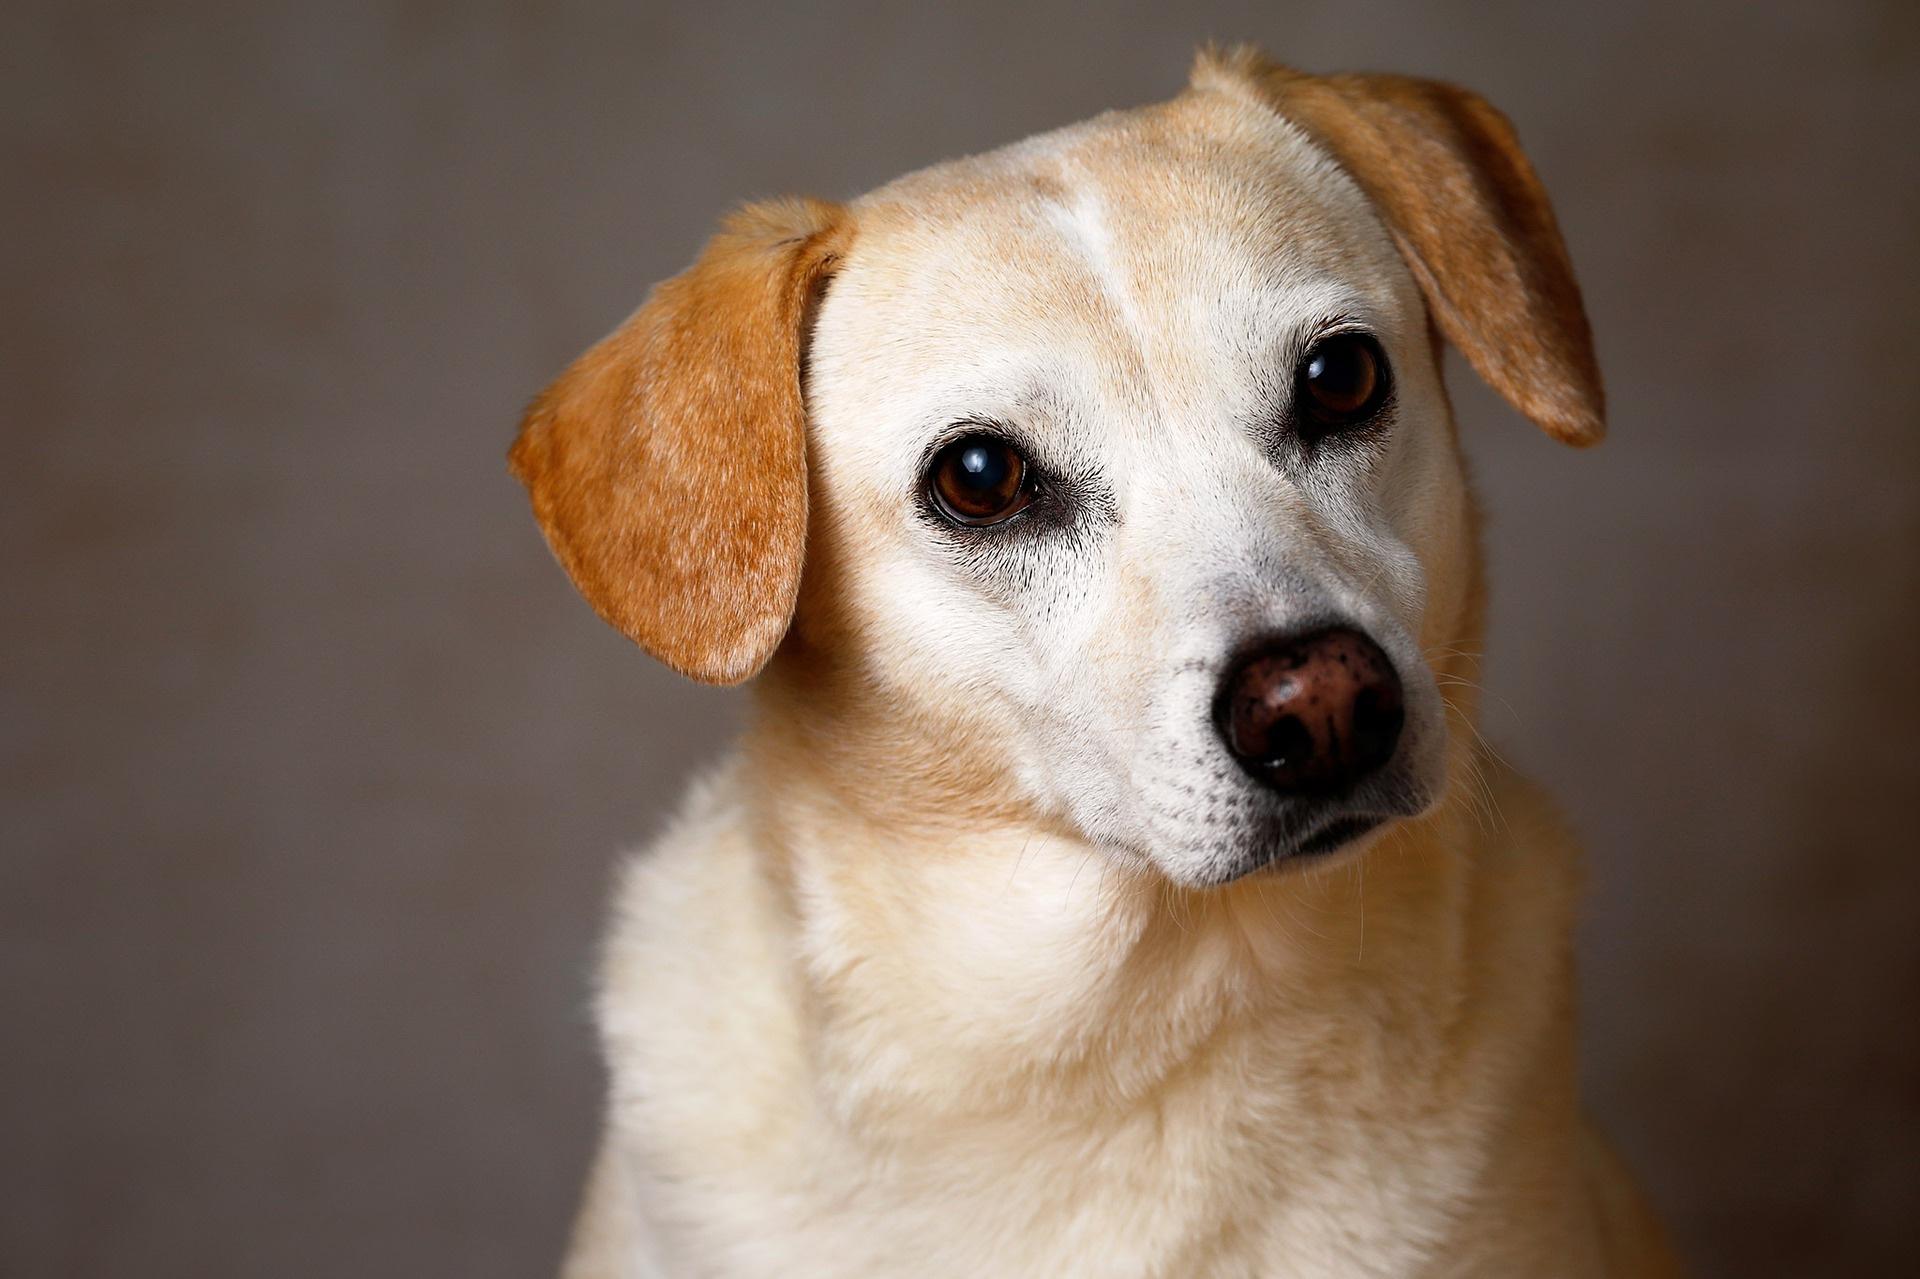 dog-3108509_1920_groesswang